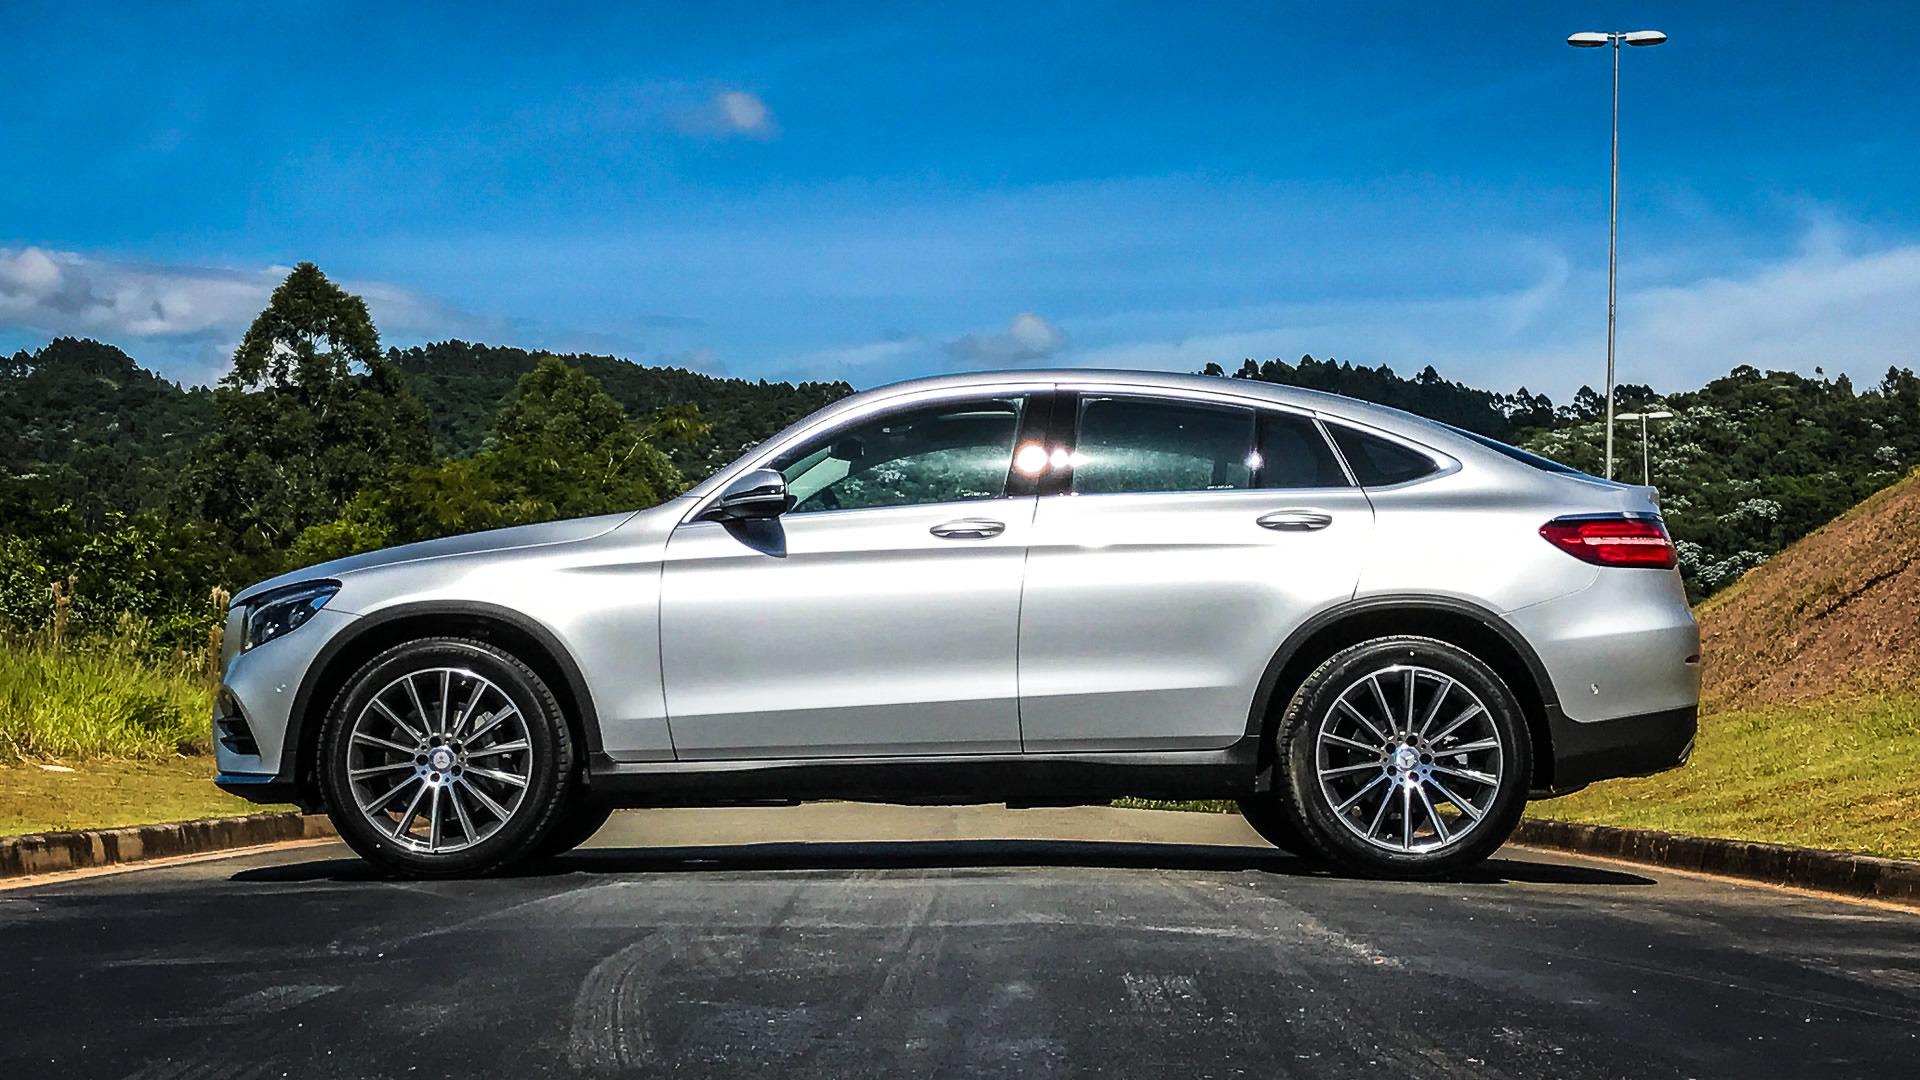 Video Avaliacao Novo Mercedes Benz Glc 250 Coupe E Opcao Invocada Ao Suv Tradicional